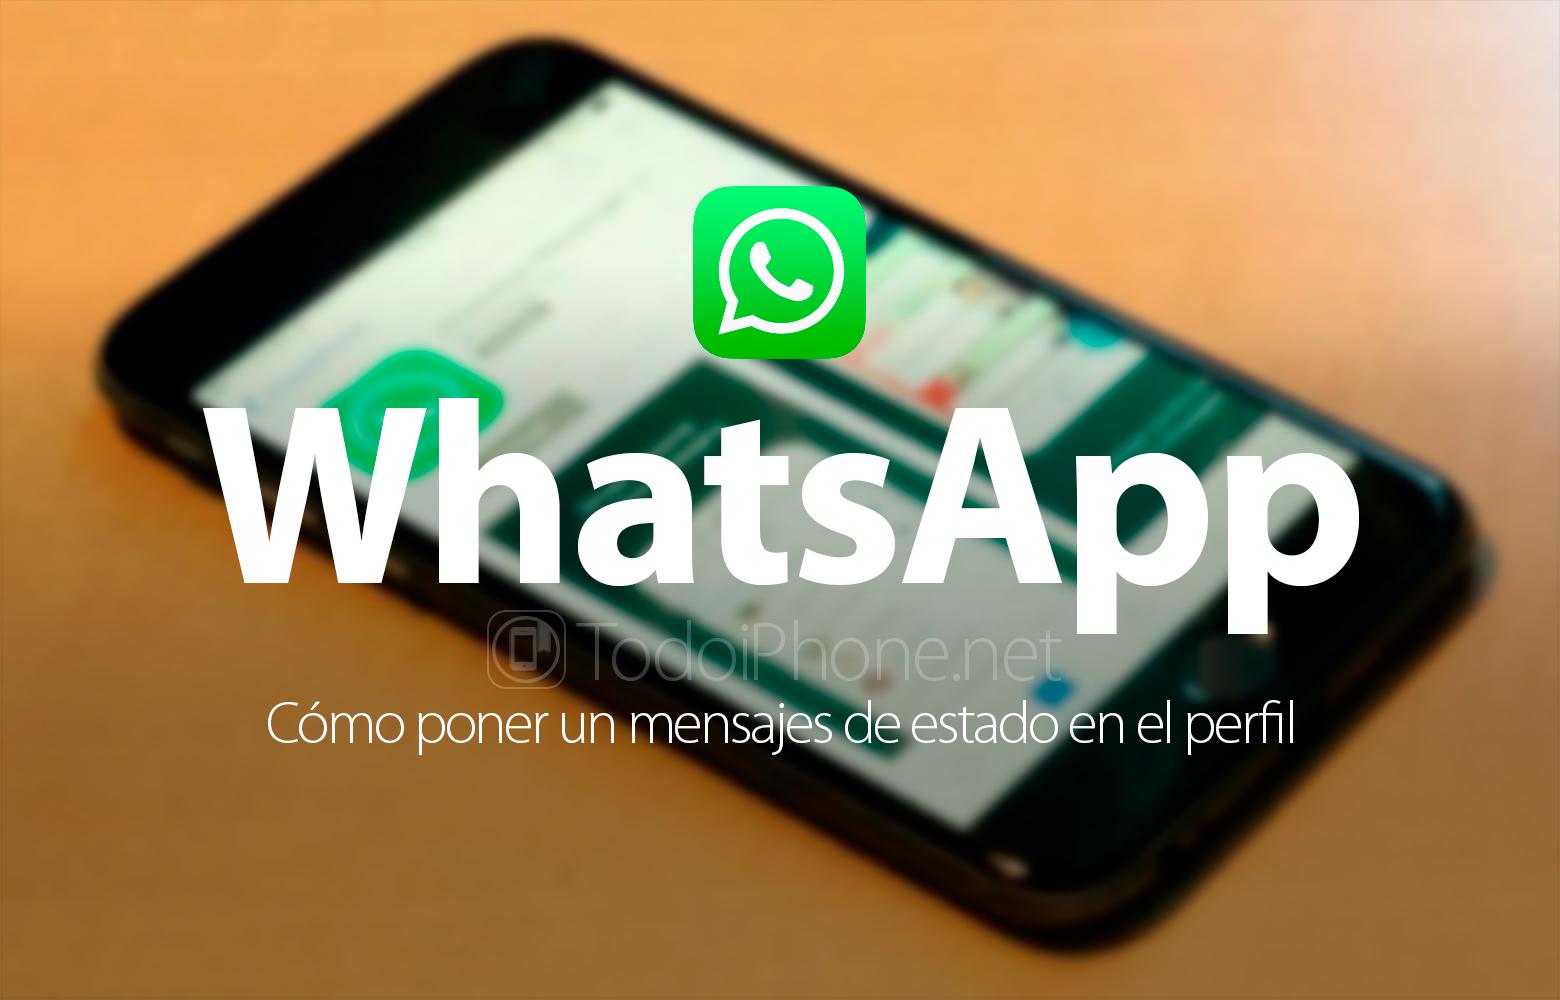 C mo poner un mensaje de estado en el perfil de whatsapp for Como poner un vivero